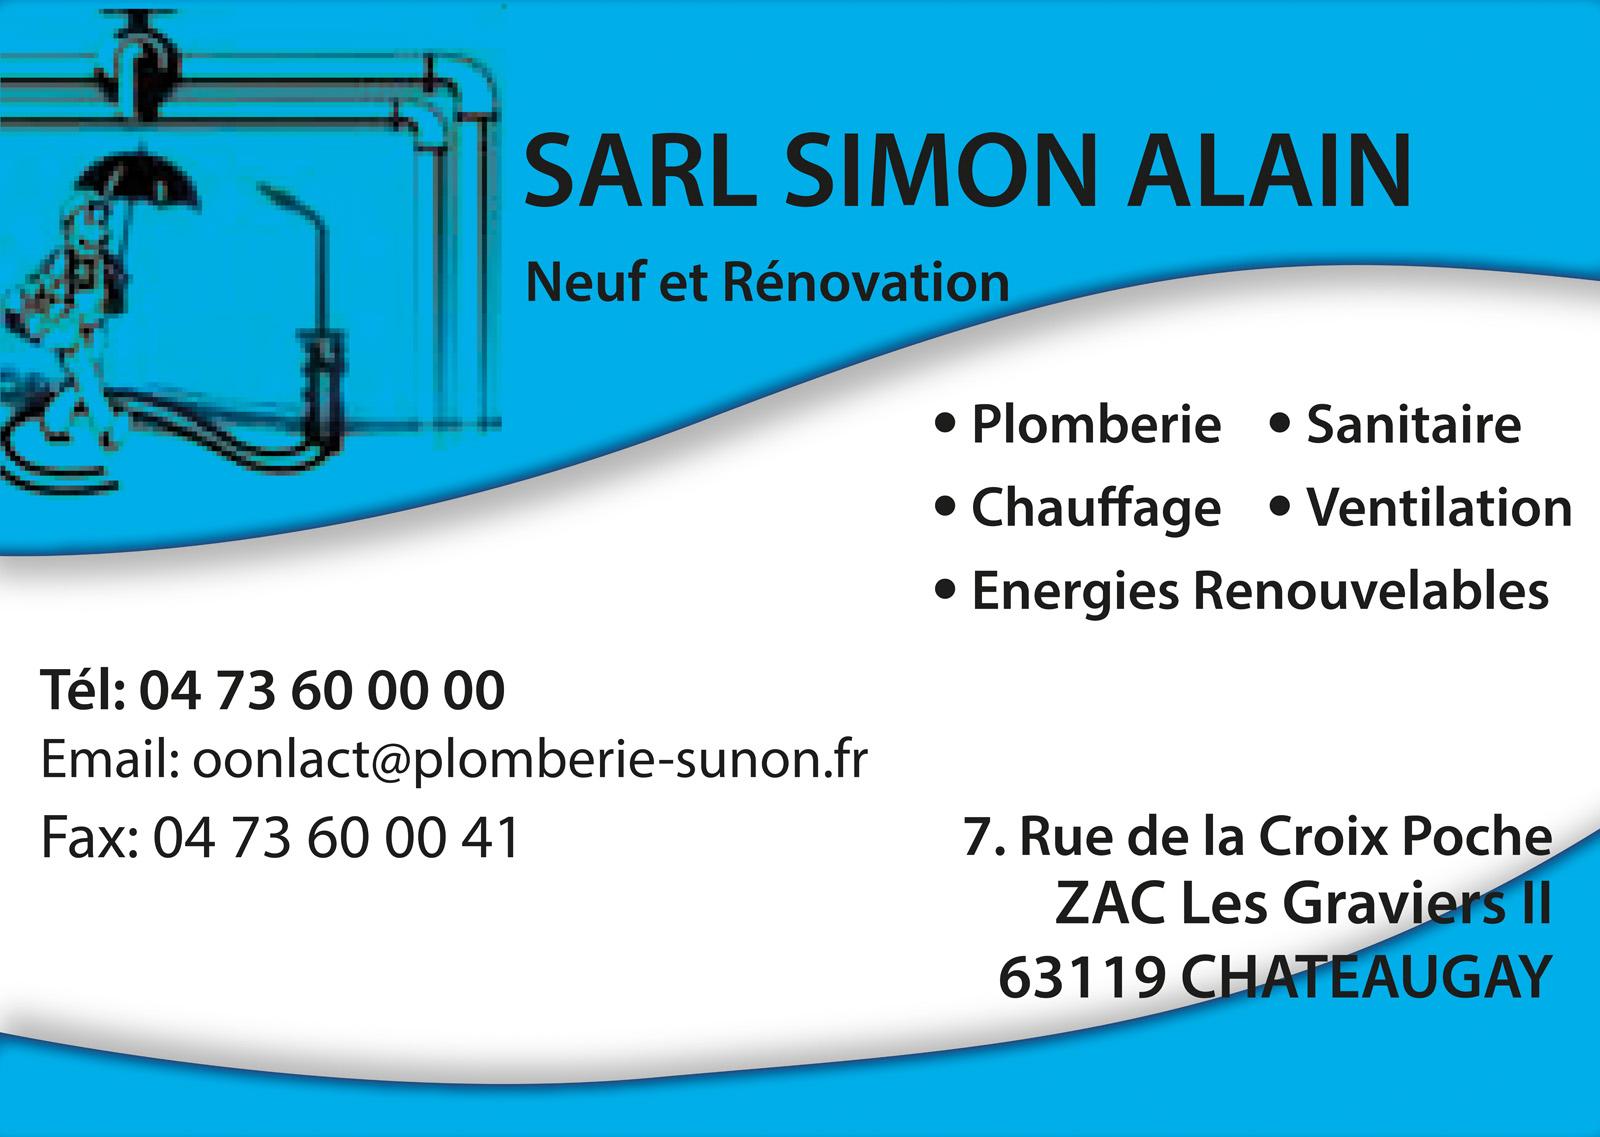 logo Sarl Simon Alain